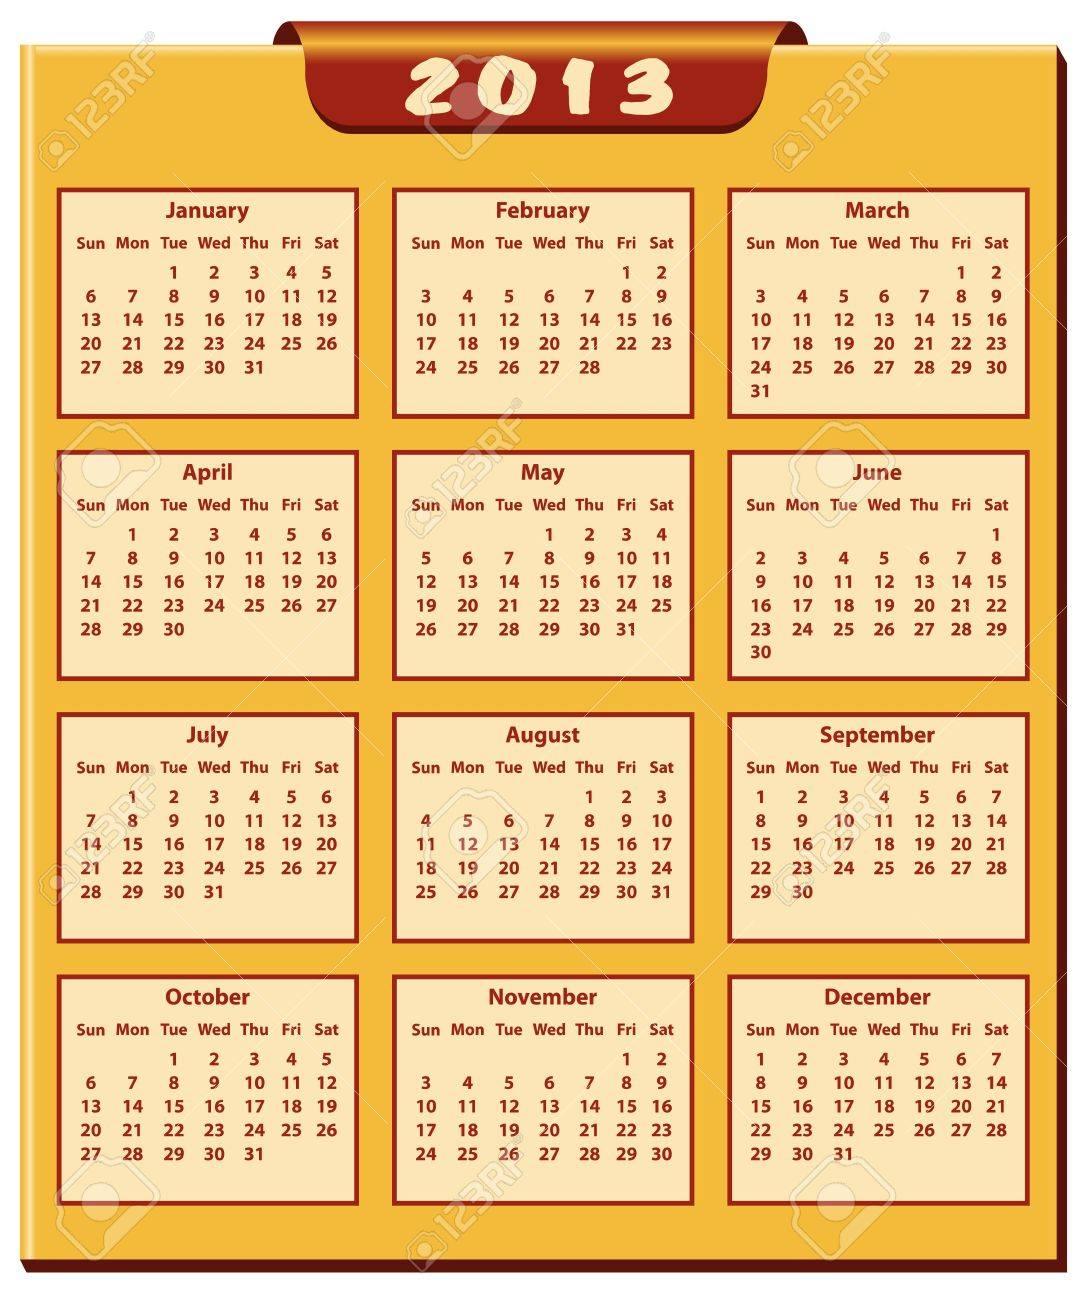 Calendario 2013 Año De Enero Al Mes De Diciembre Ilustraciones Vectoriales Clip Art Vectorizado Libre De Derechos Image 15701038